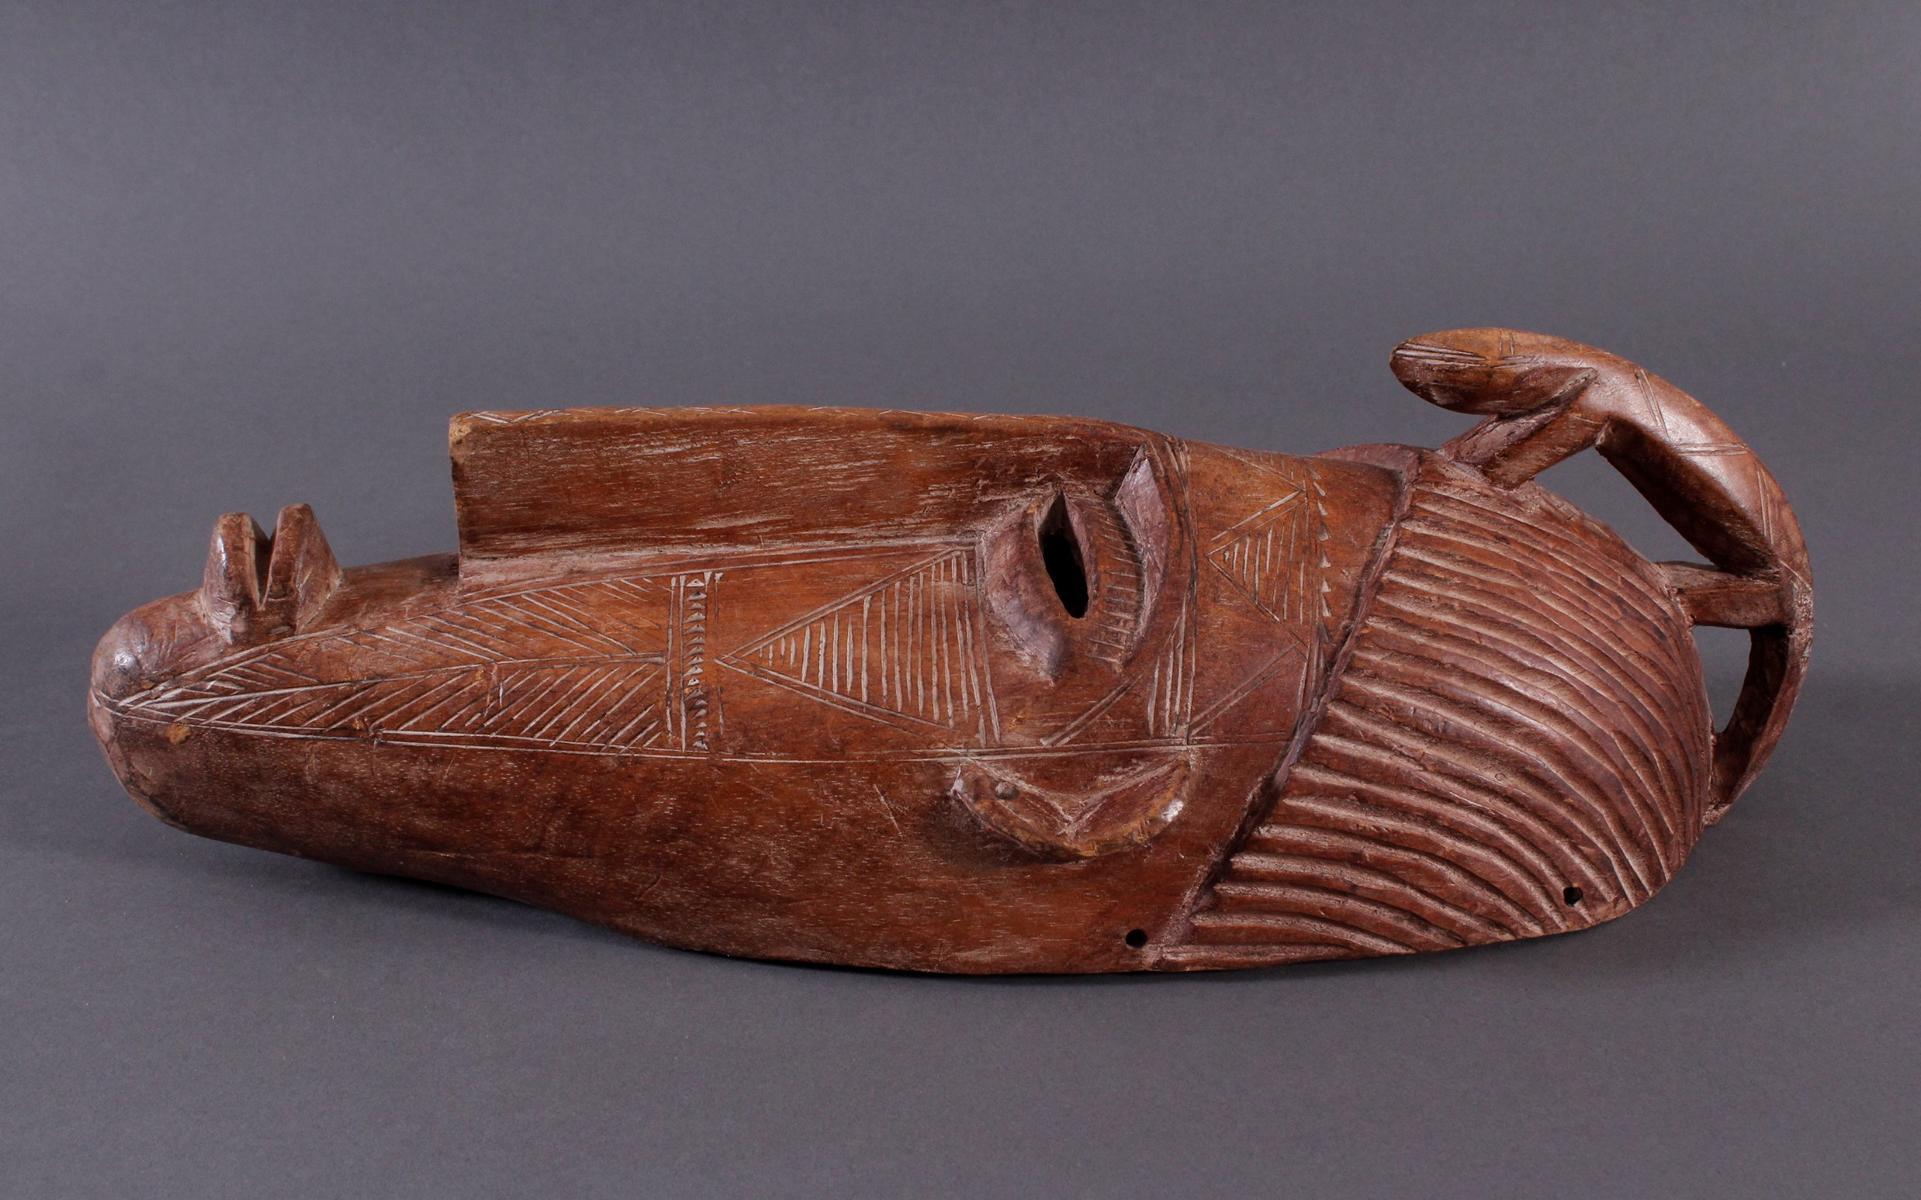 Maske der Bambara, Mali 1. Hälfte 20. Jh.-3